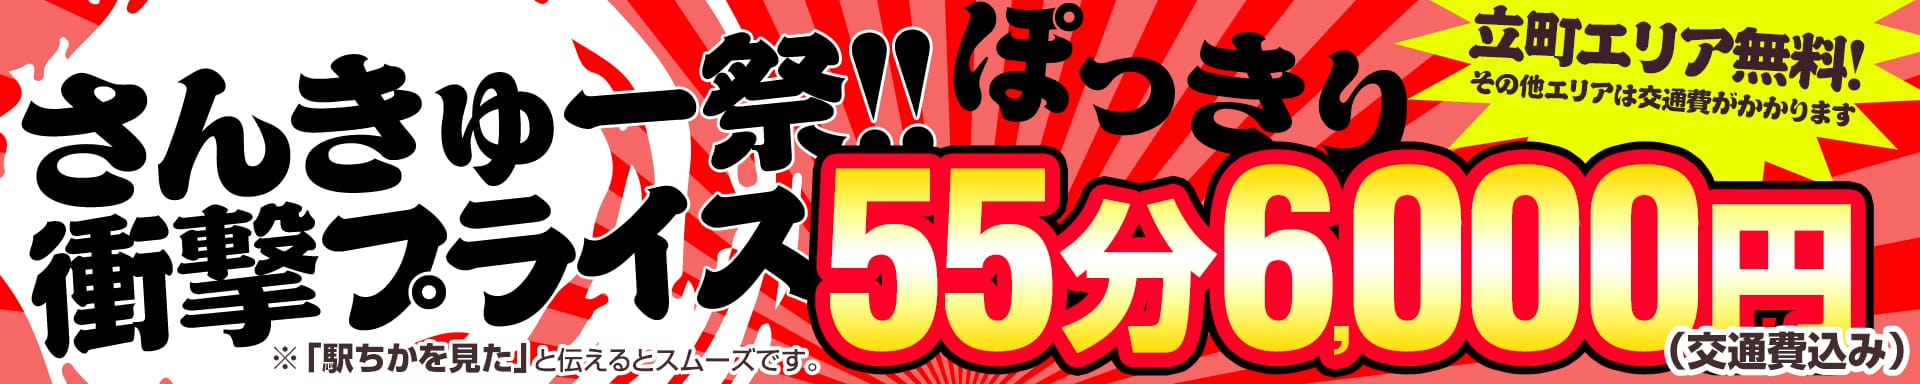 仙台サンキュー¥3900 その2